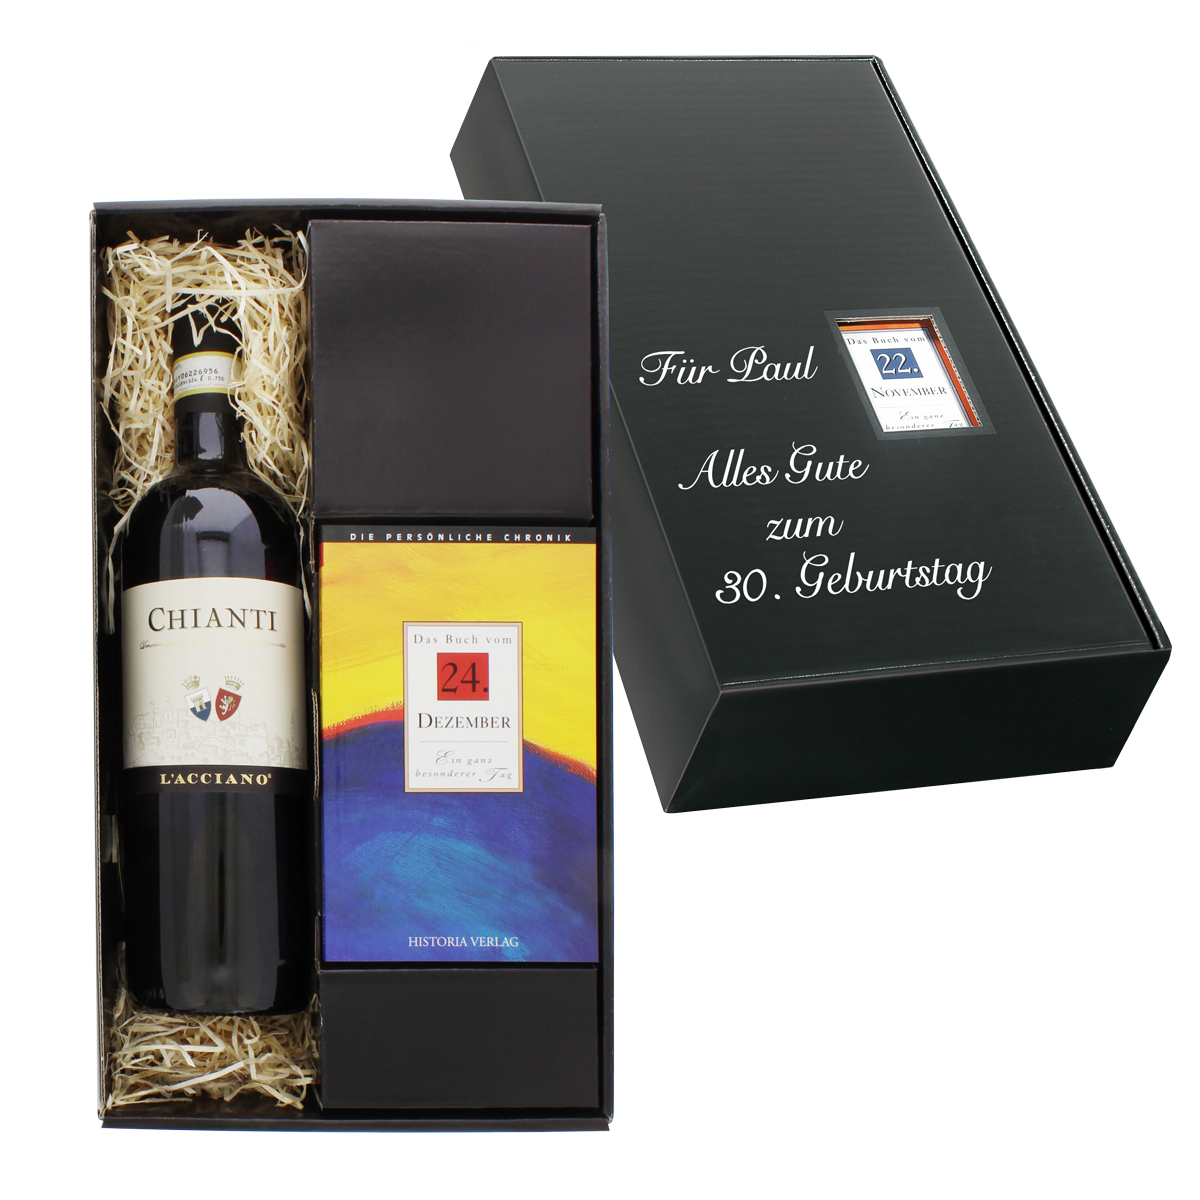 Italien-Set: Tageschronik vom 11. November & Chianti-Wein